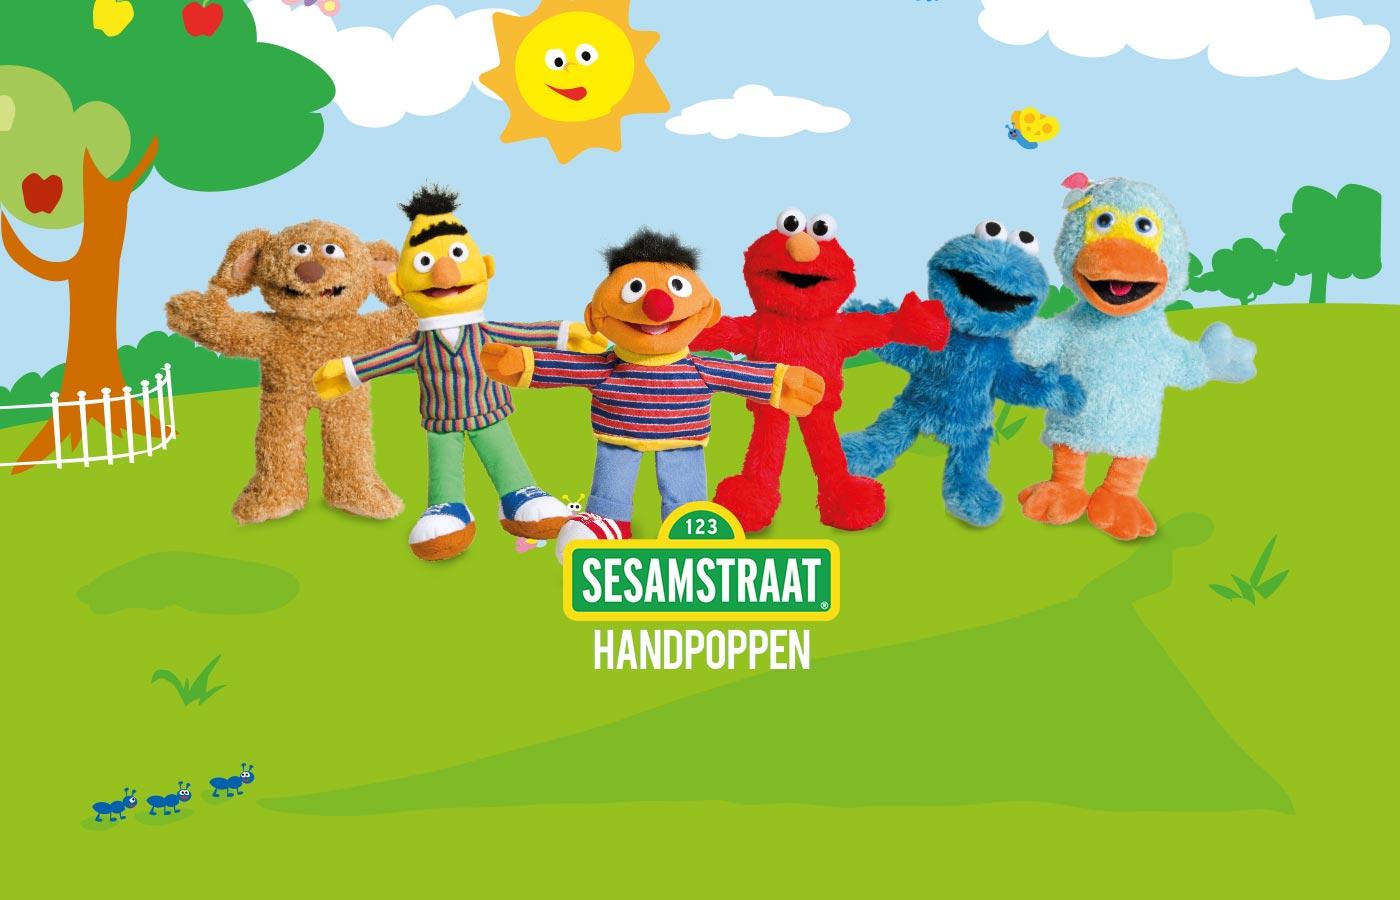 Sesamstraat puppets | Muppet Wiki | FANDOM powered by Wikia